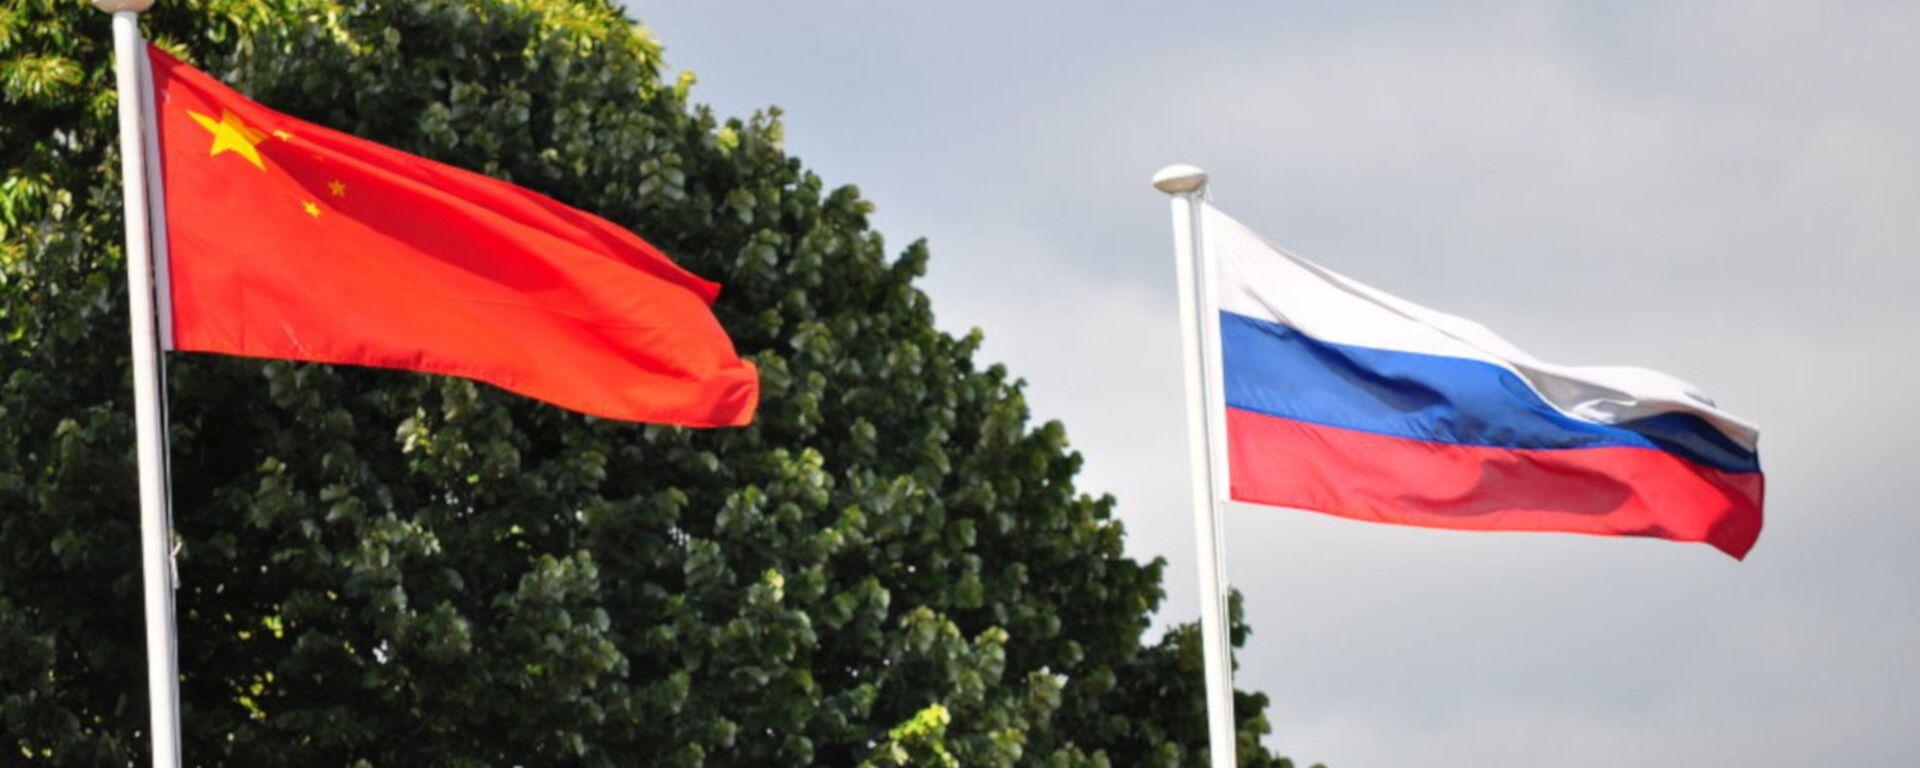 Rusya ile Çin bayrakları - Sputnik Türkiye, 1920, 10.08.2021